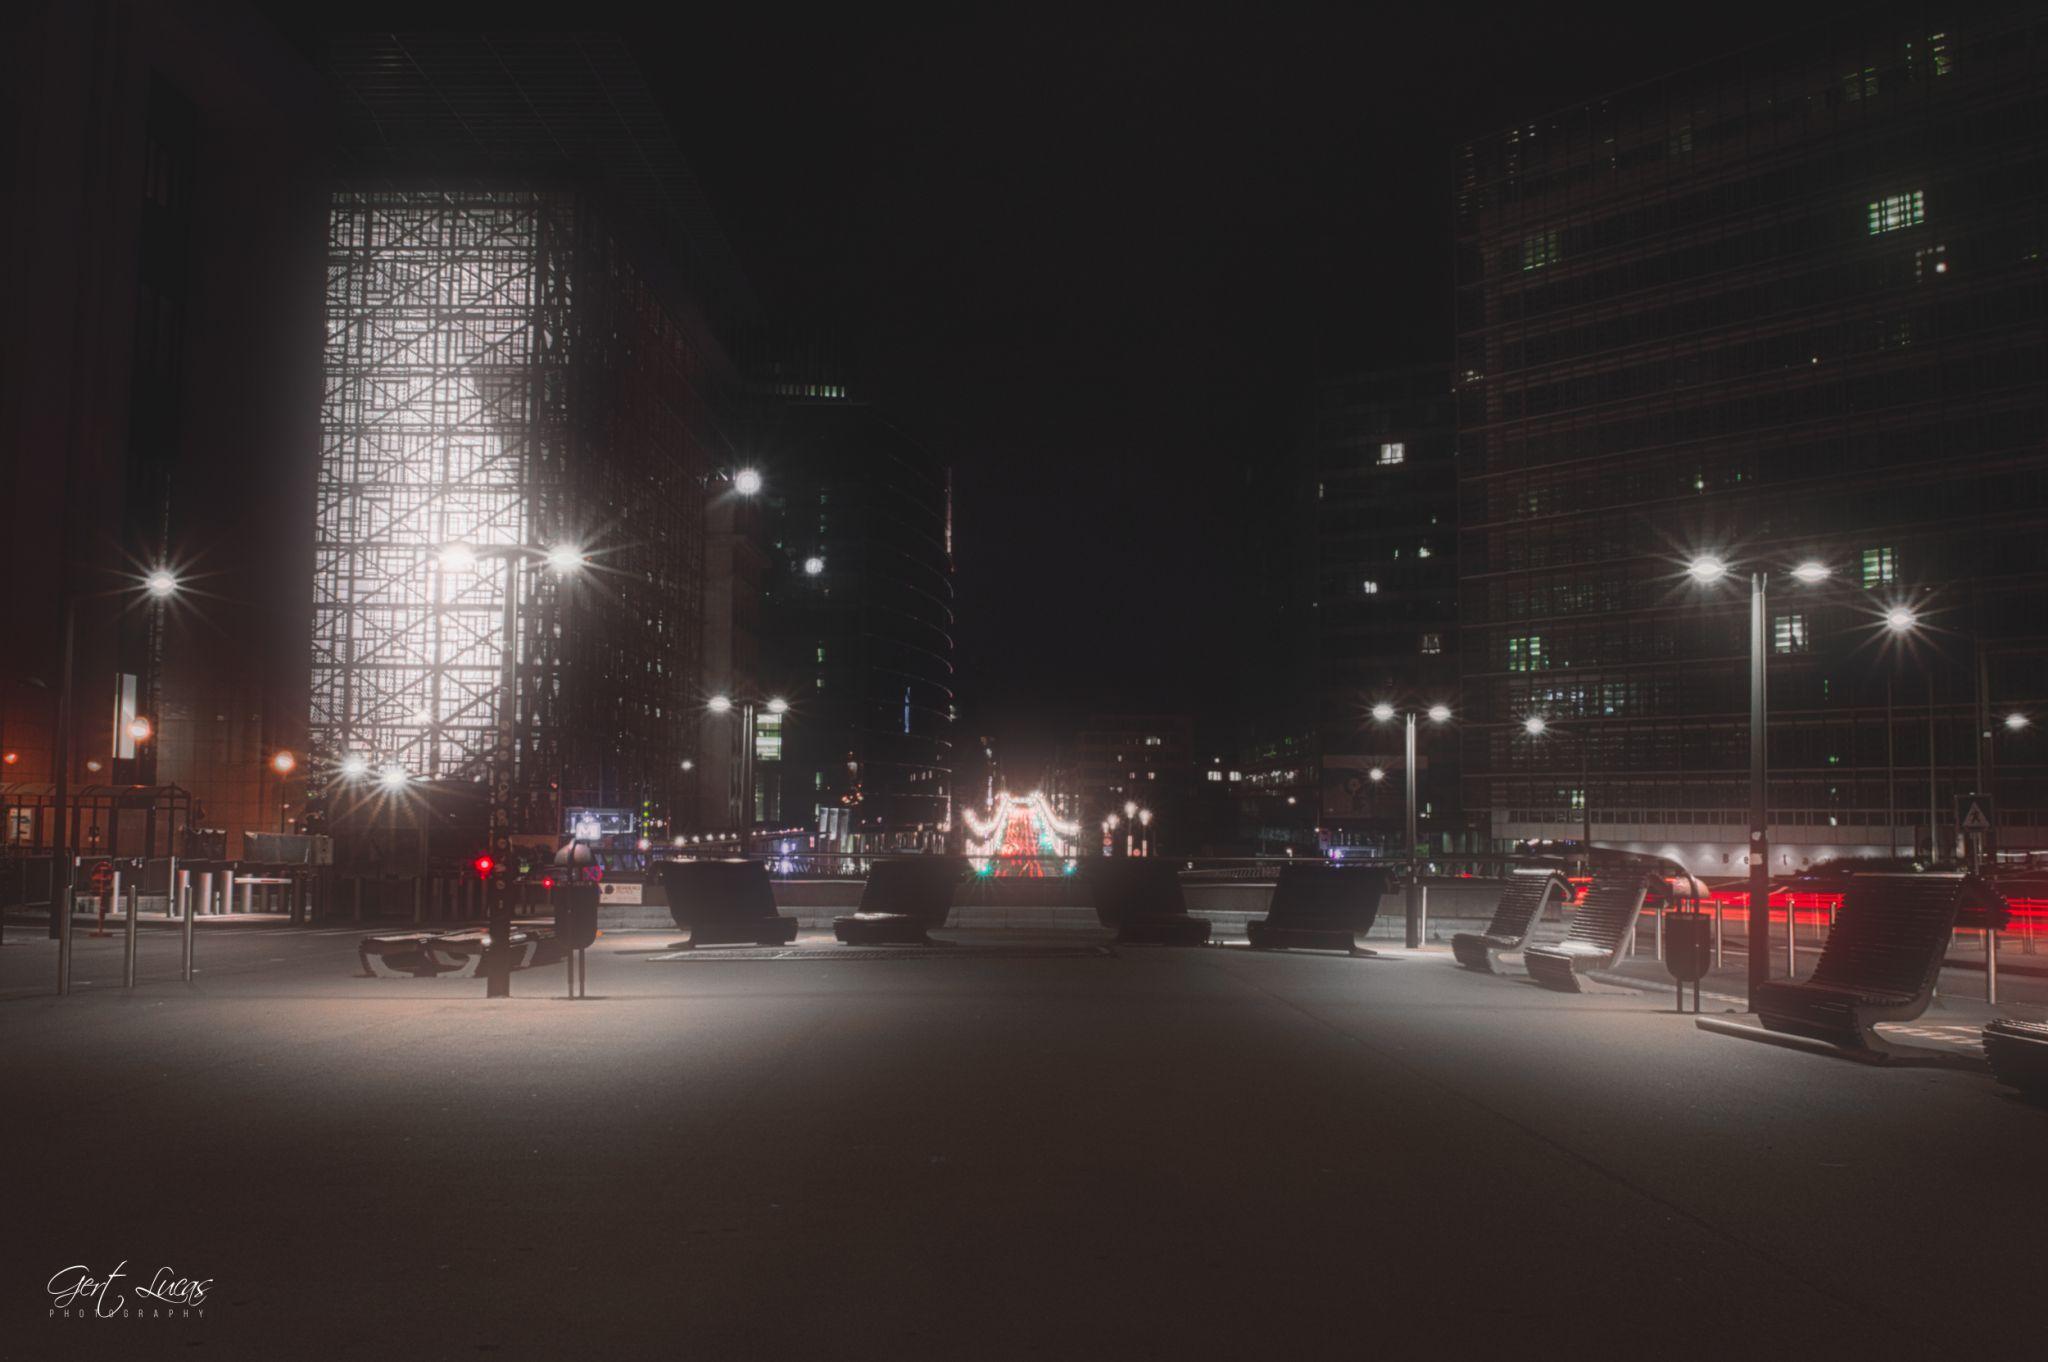 Shuman Square, Belgium